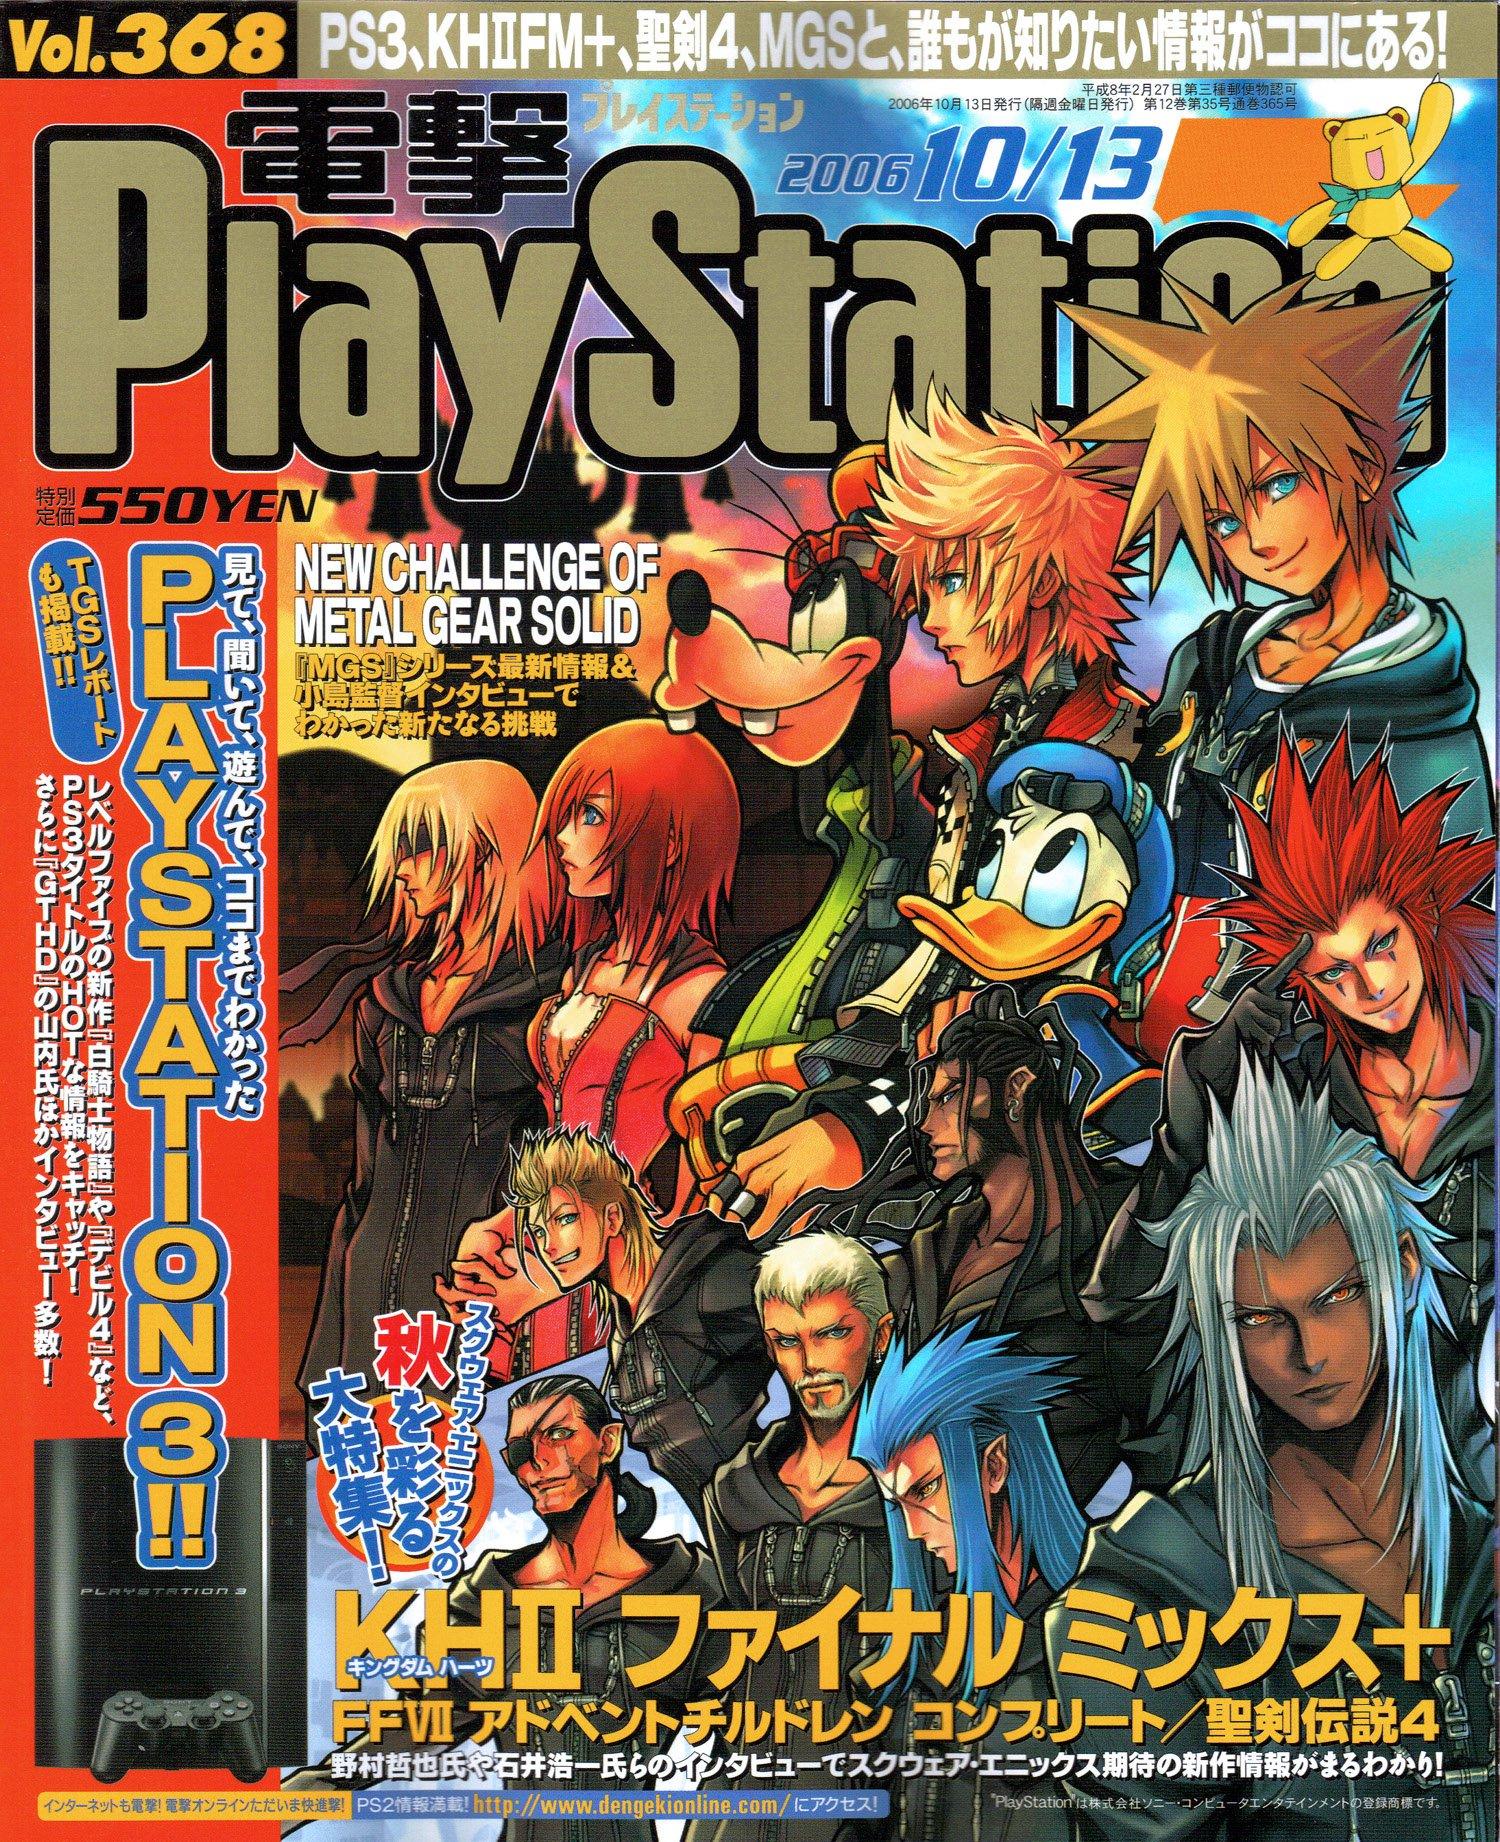 Dengeki PlayStation 368 (October 13, 2006)